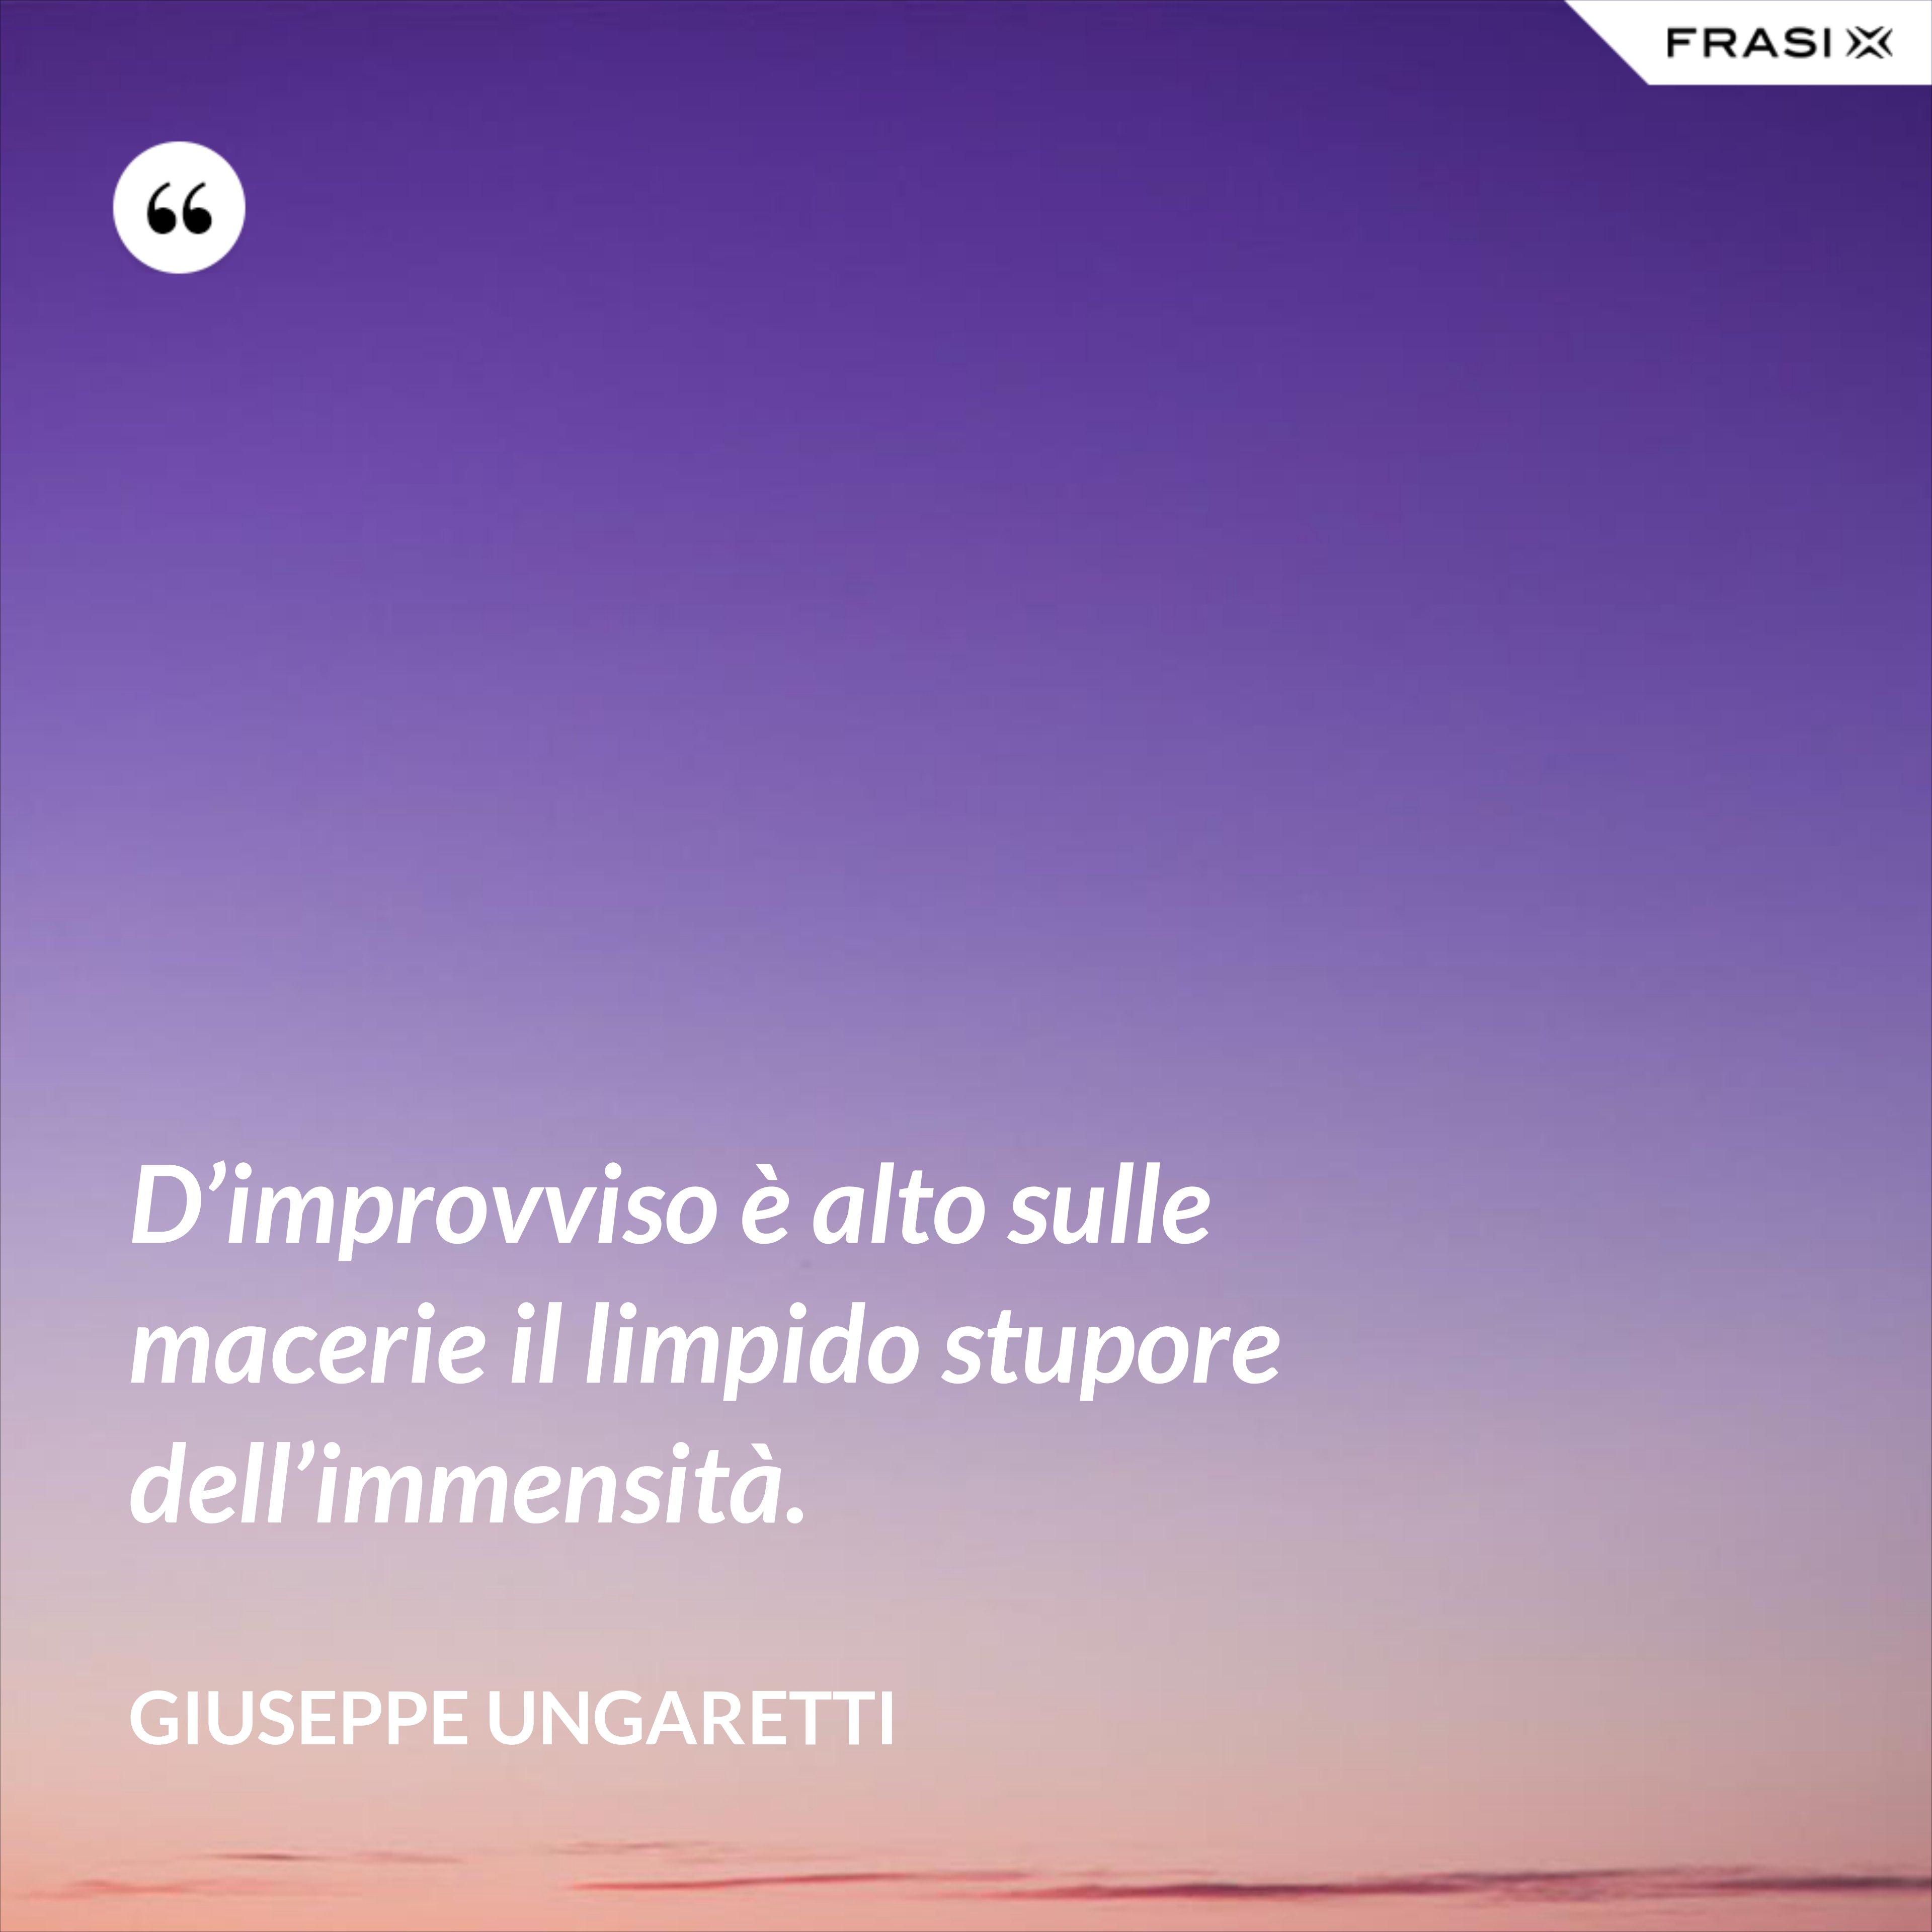 D'improvviso è alto sulle macerie il limpido stupore dell'immensità. - Giuseppe Ungaretti